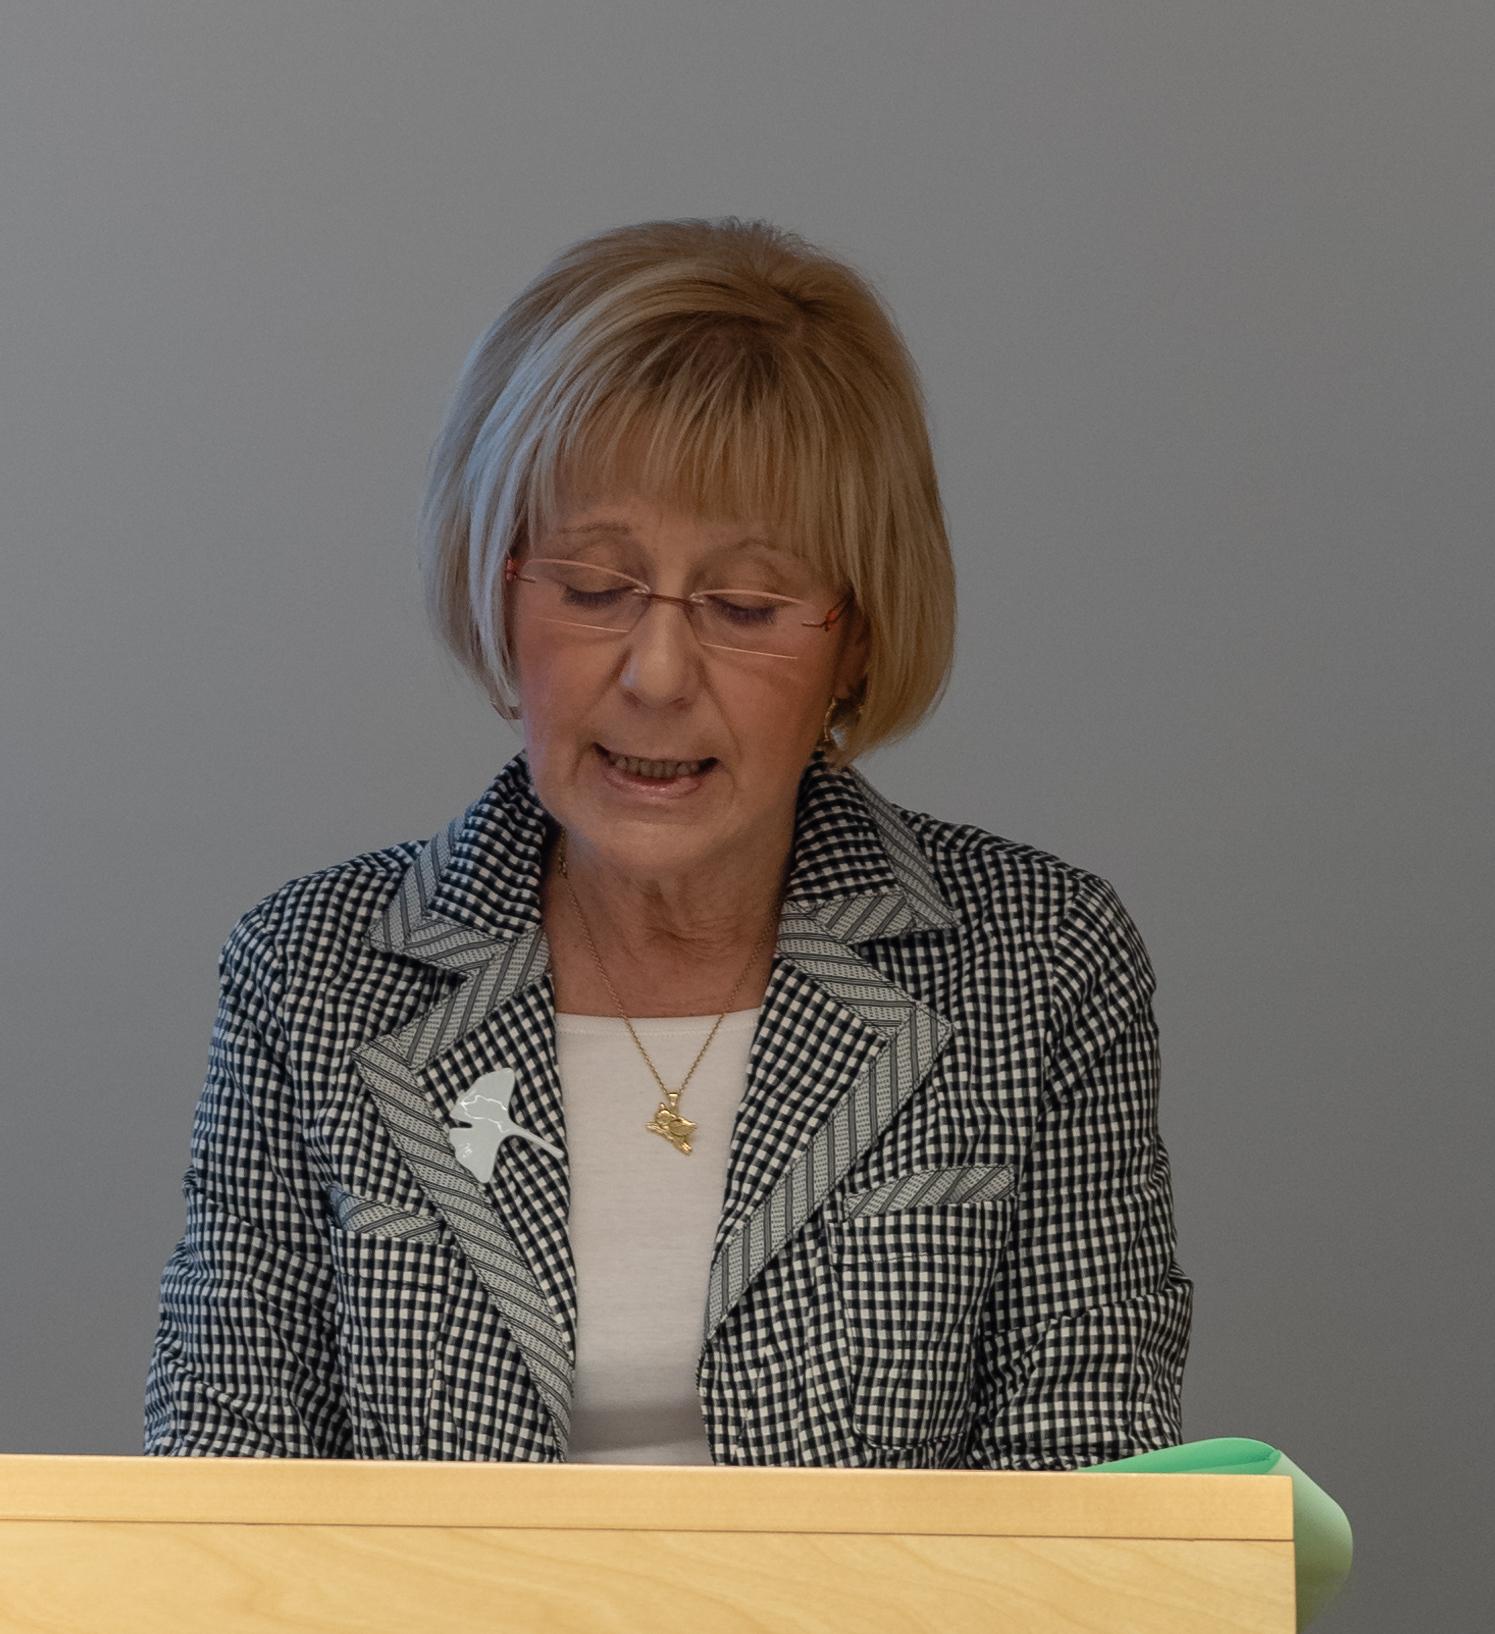 Sylvia Bräsel